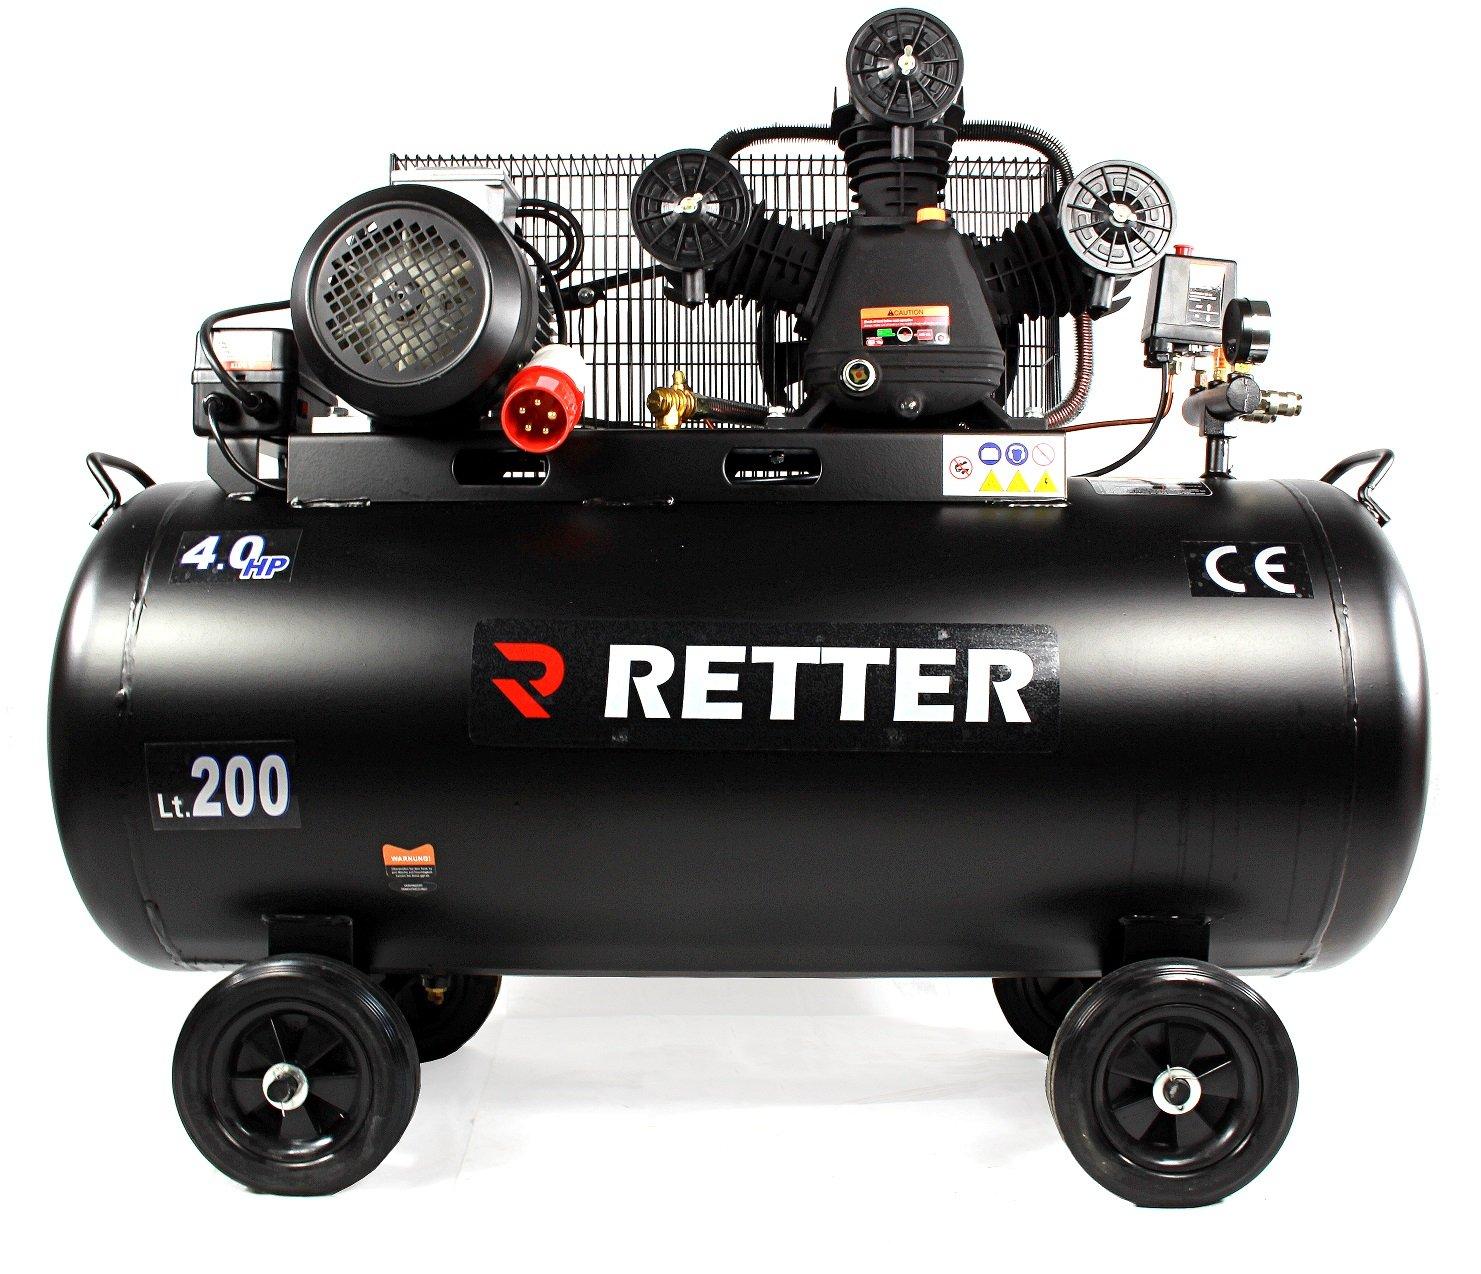 retter rt4200 Compresor 200L, ölgeschmiert Compresor De Aire 3 Cilindro: Amazon.es: Industria, empresas y ciencia